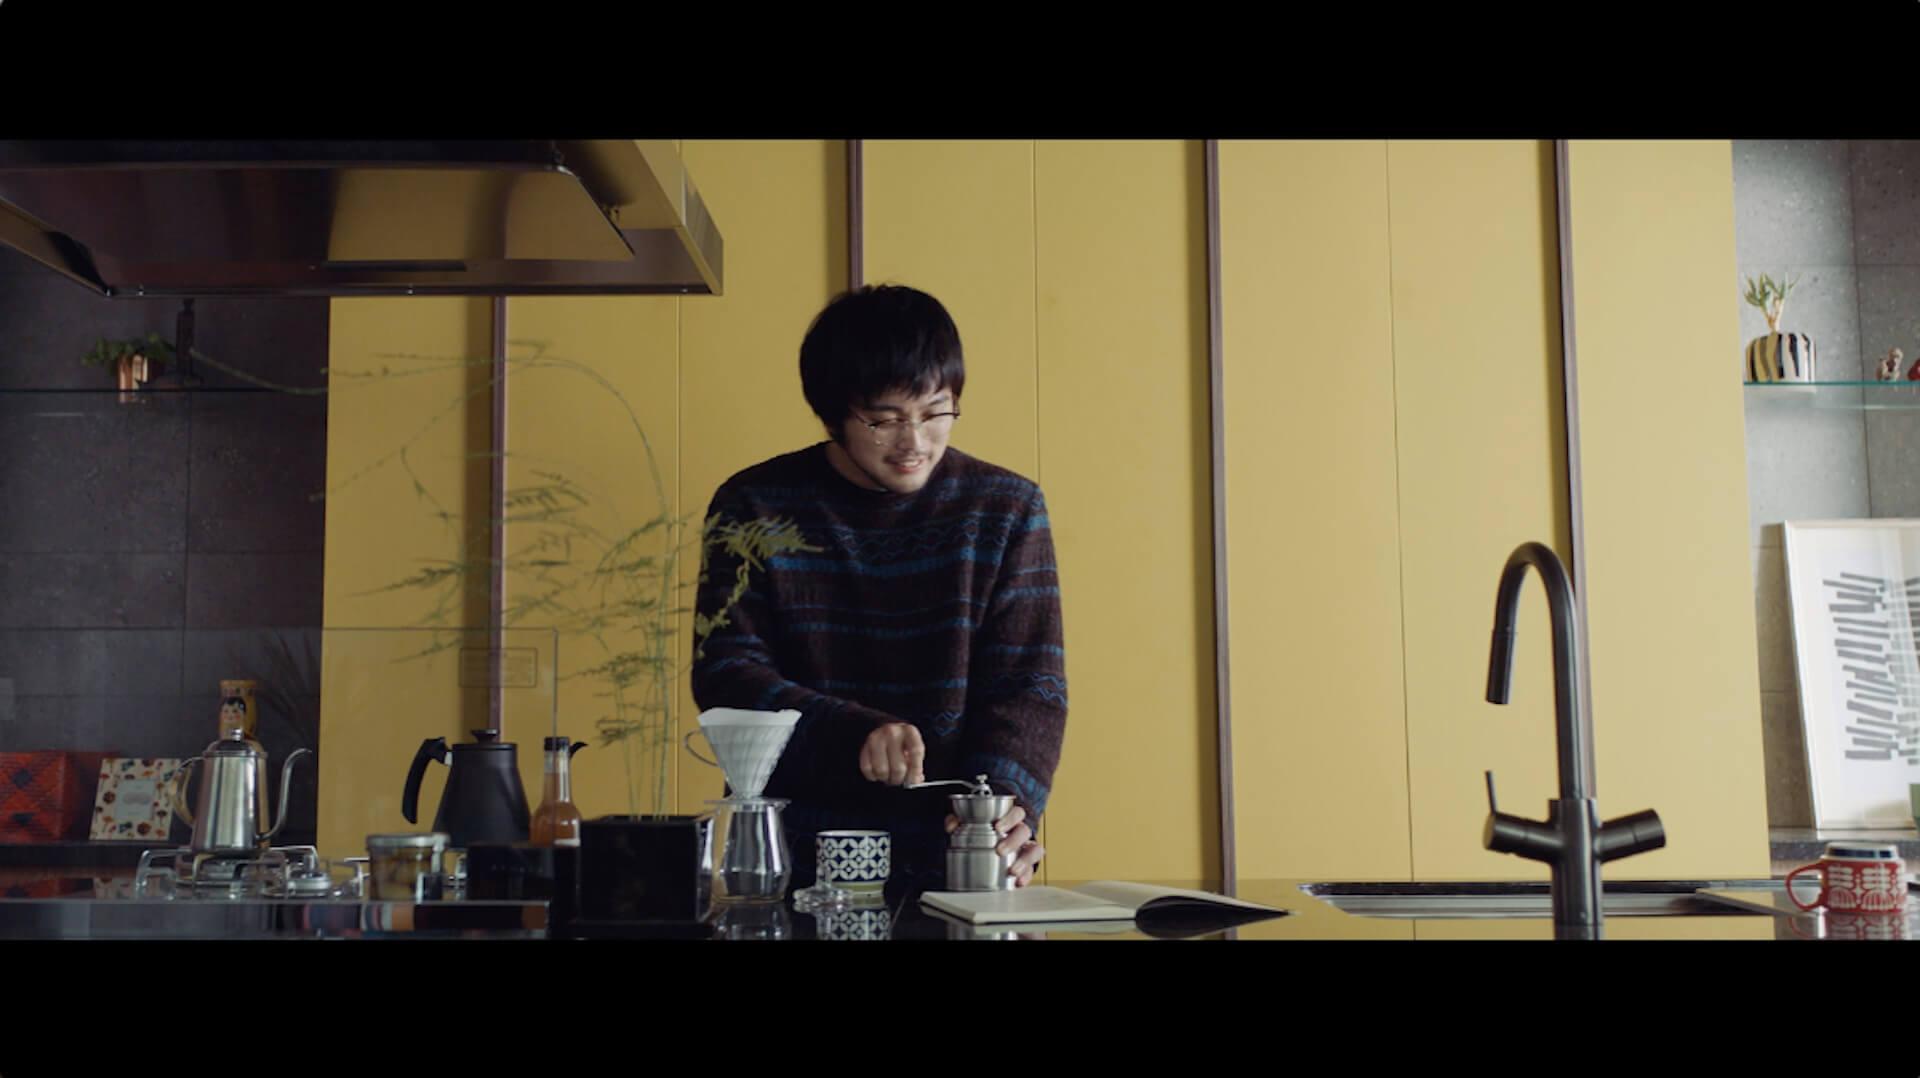 King Gnuボーカルの井口理が初主演!野村不動産「プラウド」ブランドムービーに『僕は、父が苦手だった。』出演 art201015_kinggnu_iguchi_2